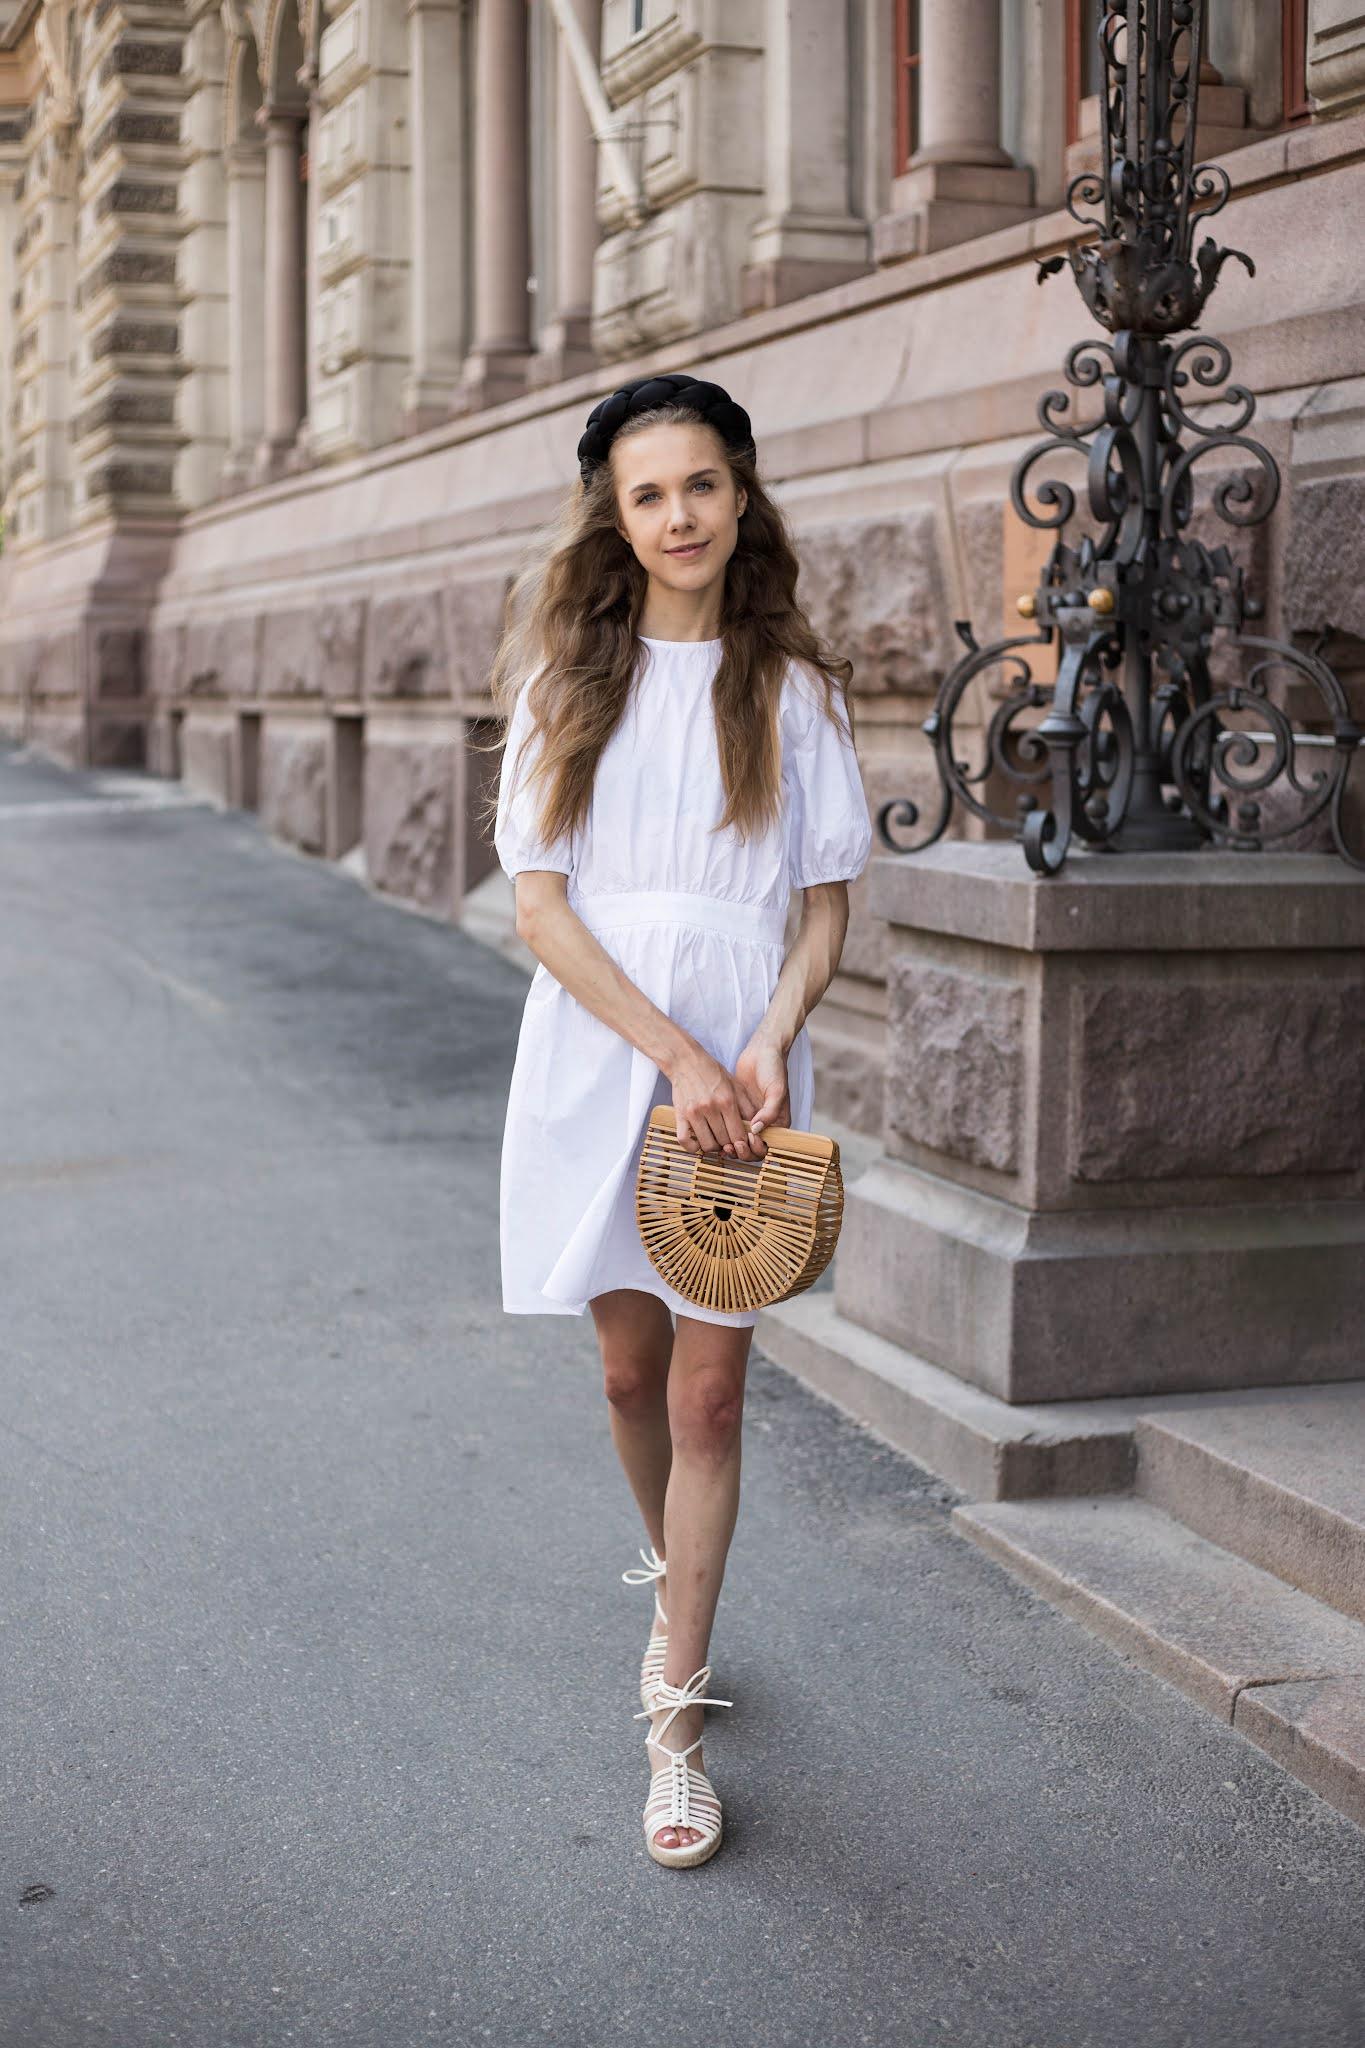 Valkoinen kesämekko ja iso lettipanta // White summer dress and big braided headband